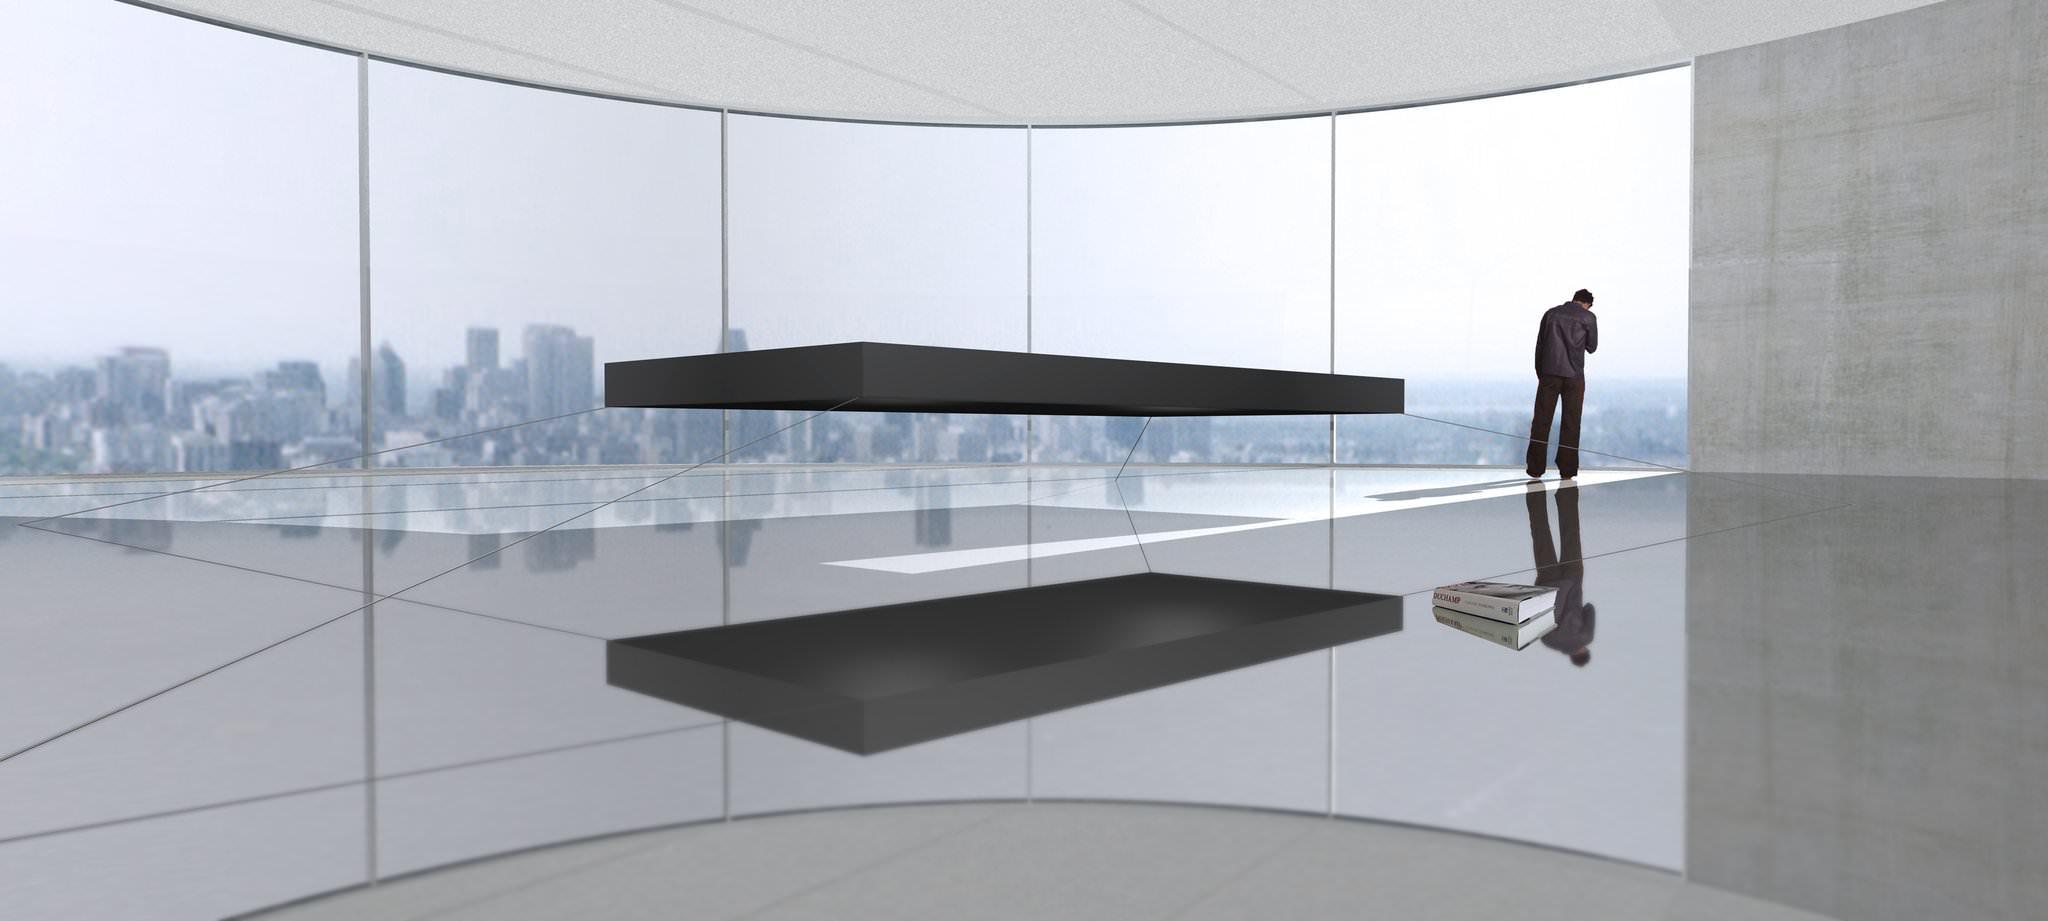 Janjaap ruijssenaars magnetic floating bed